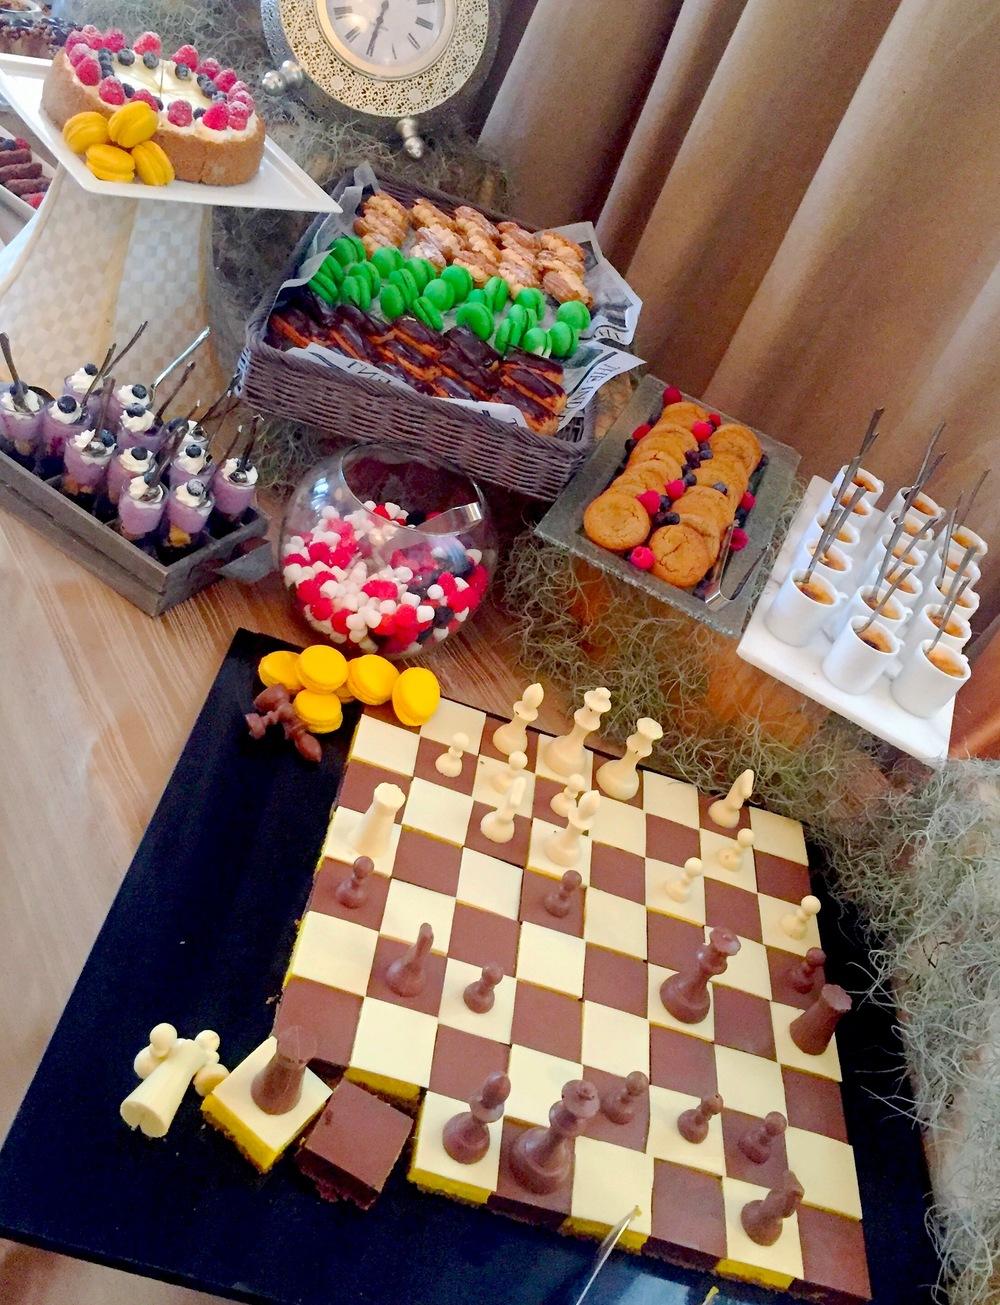 Bianca Delano Miami Beach Desserts